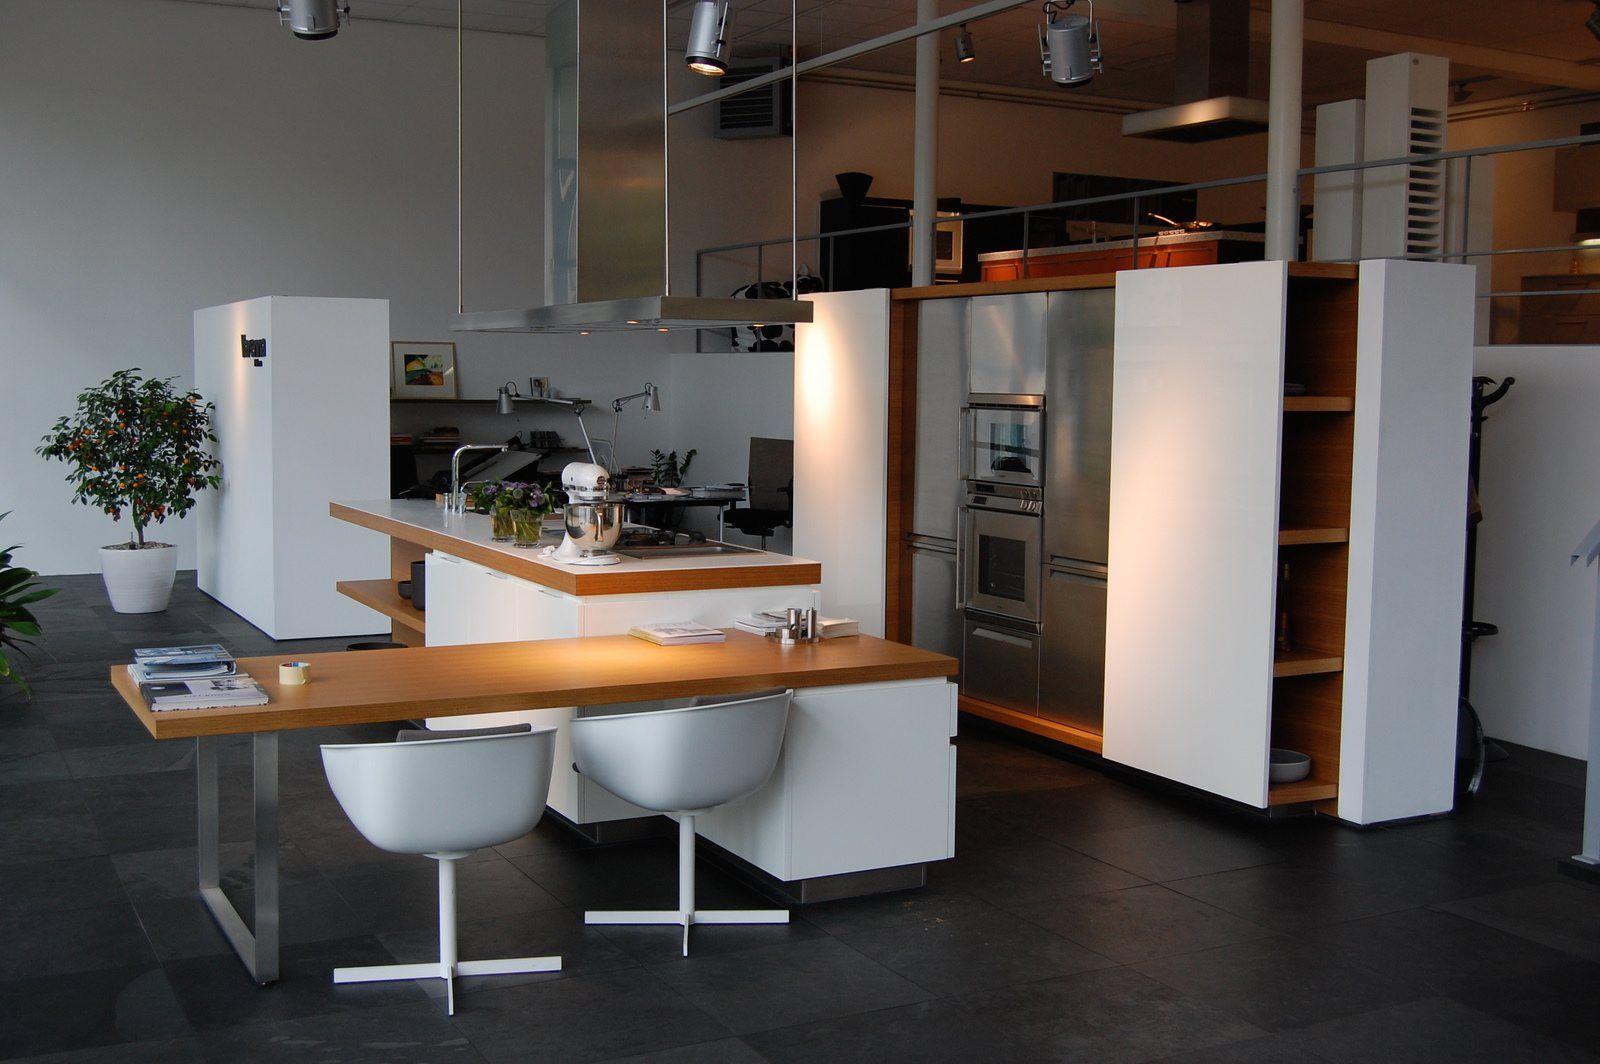 Showroomkeukens alle showroomkeuken aanbiedingen uit nederland keukens voor zeer lage keuken - Keuken witte tafel ...